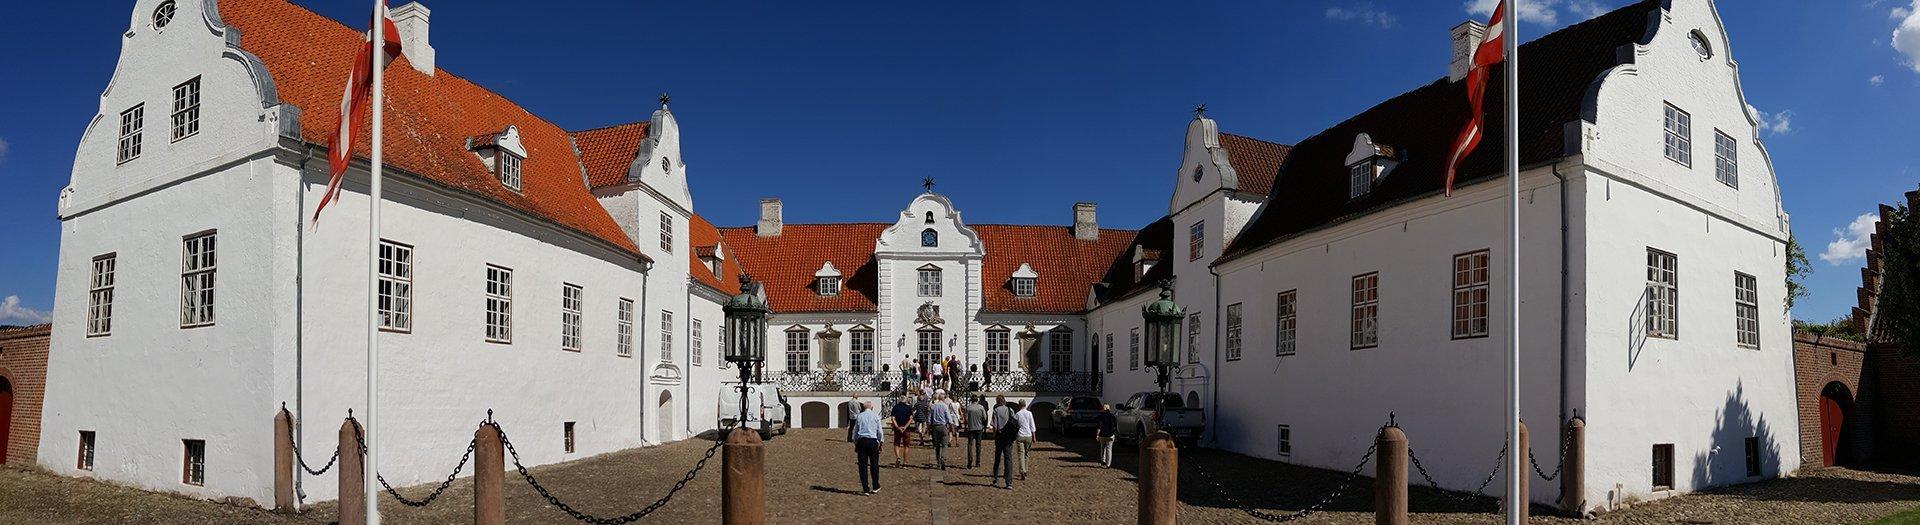 bidstrup-gods-slotte-og-herregaarde-noergaards-hoejskole-historie-kultur-sevaerdighed-attraktion-oestjylland-midtjylland-1920-525